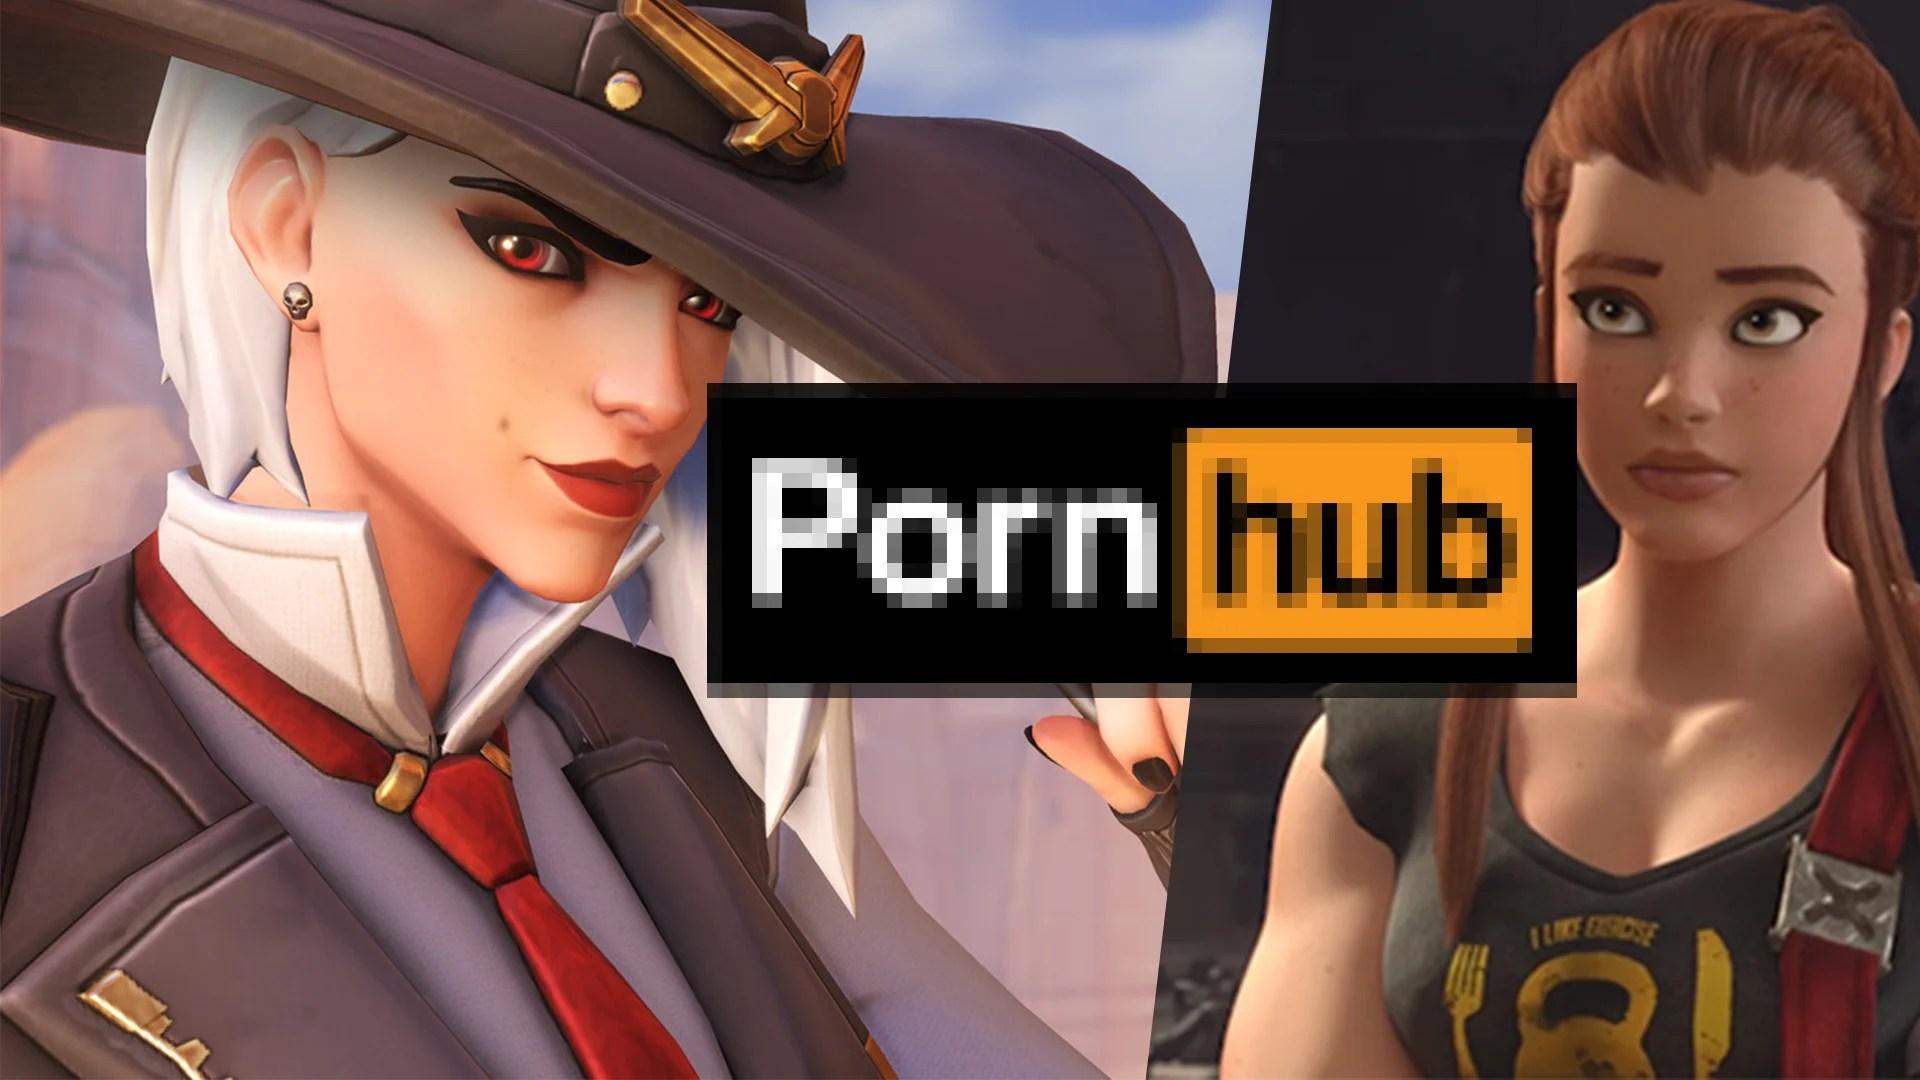 《鬥陣特攻》全面潰敗?2018年於色情網站 Pornhub 熱度下滑 7 名!— EXP.GG